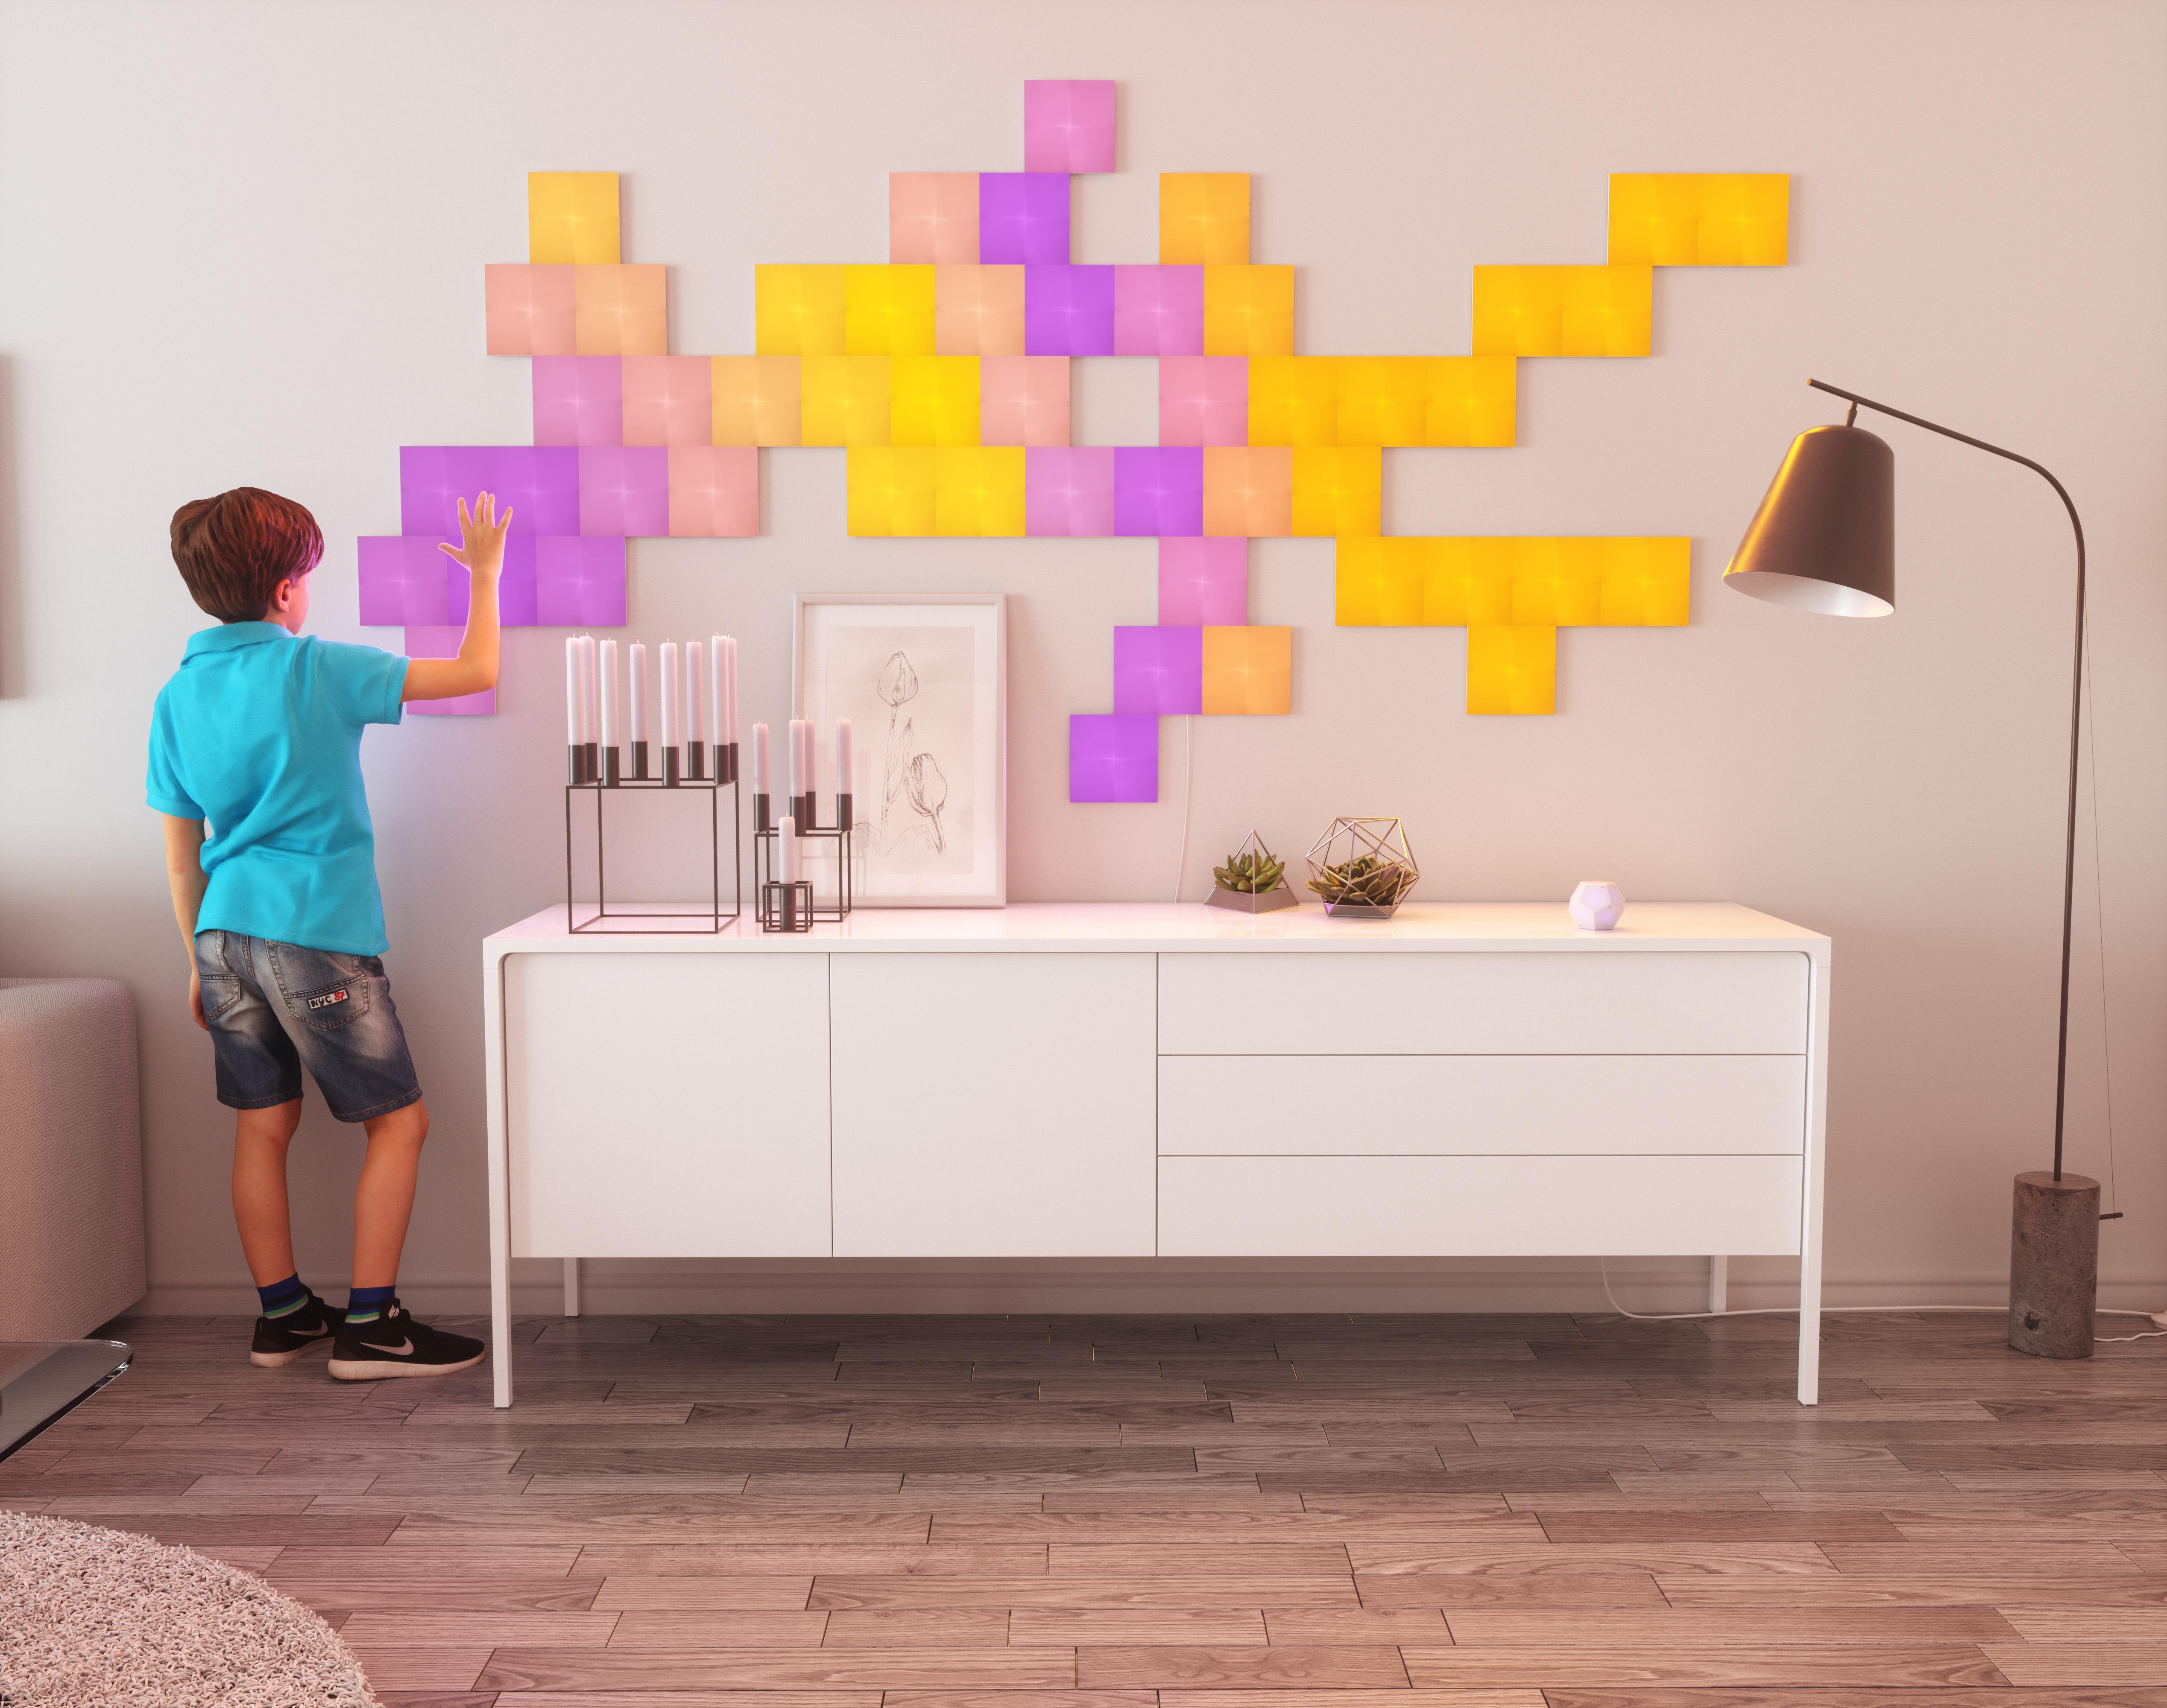 Nanoleaf-Canvas-_kid_hires